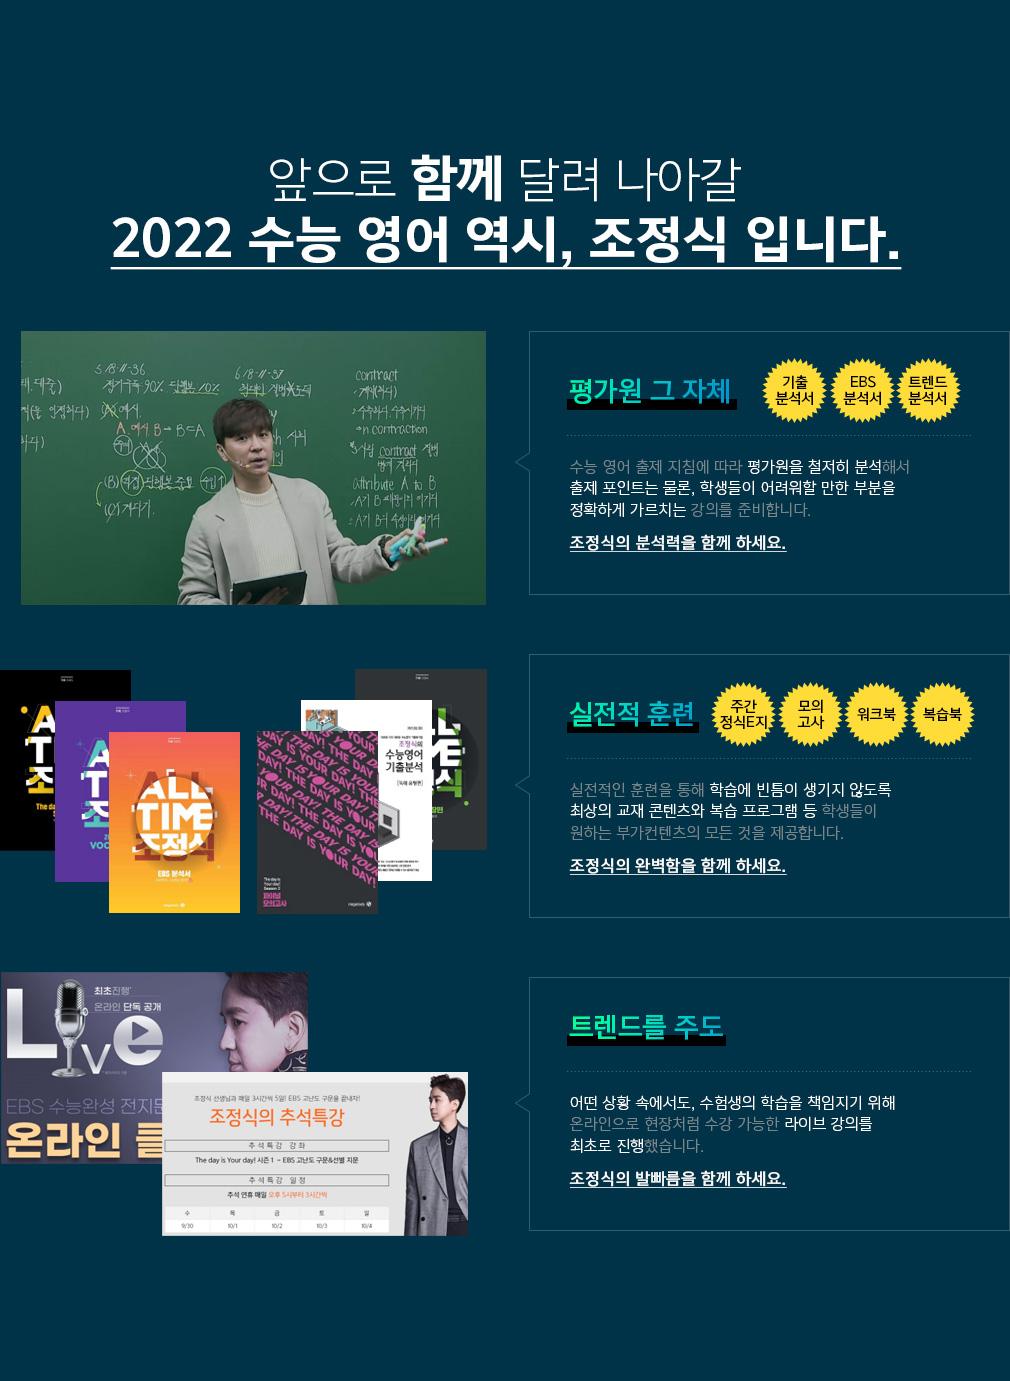 앞으로 함께 달려 나아갈 2022 수능 영어 역시, 조정식 입니다.